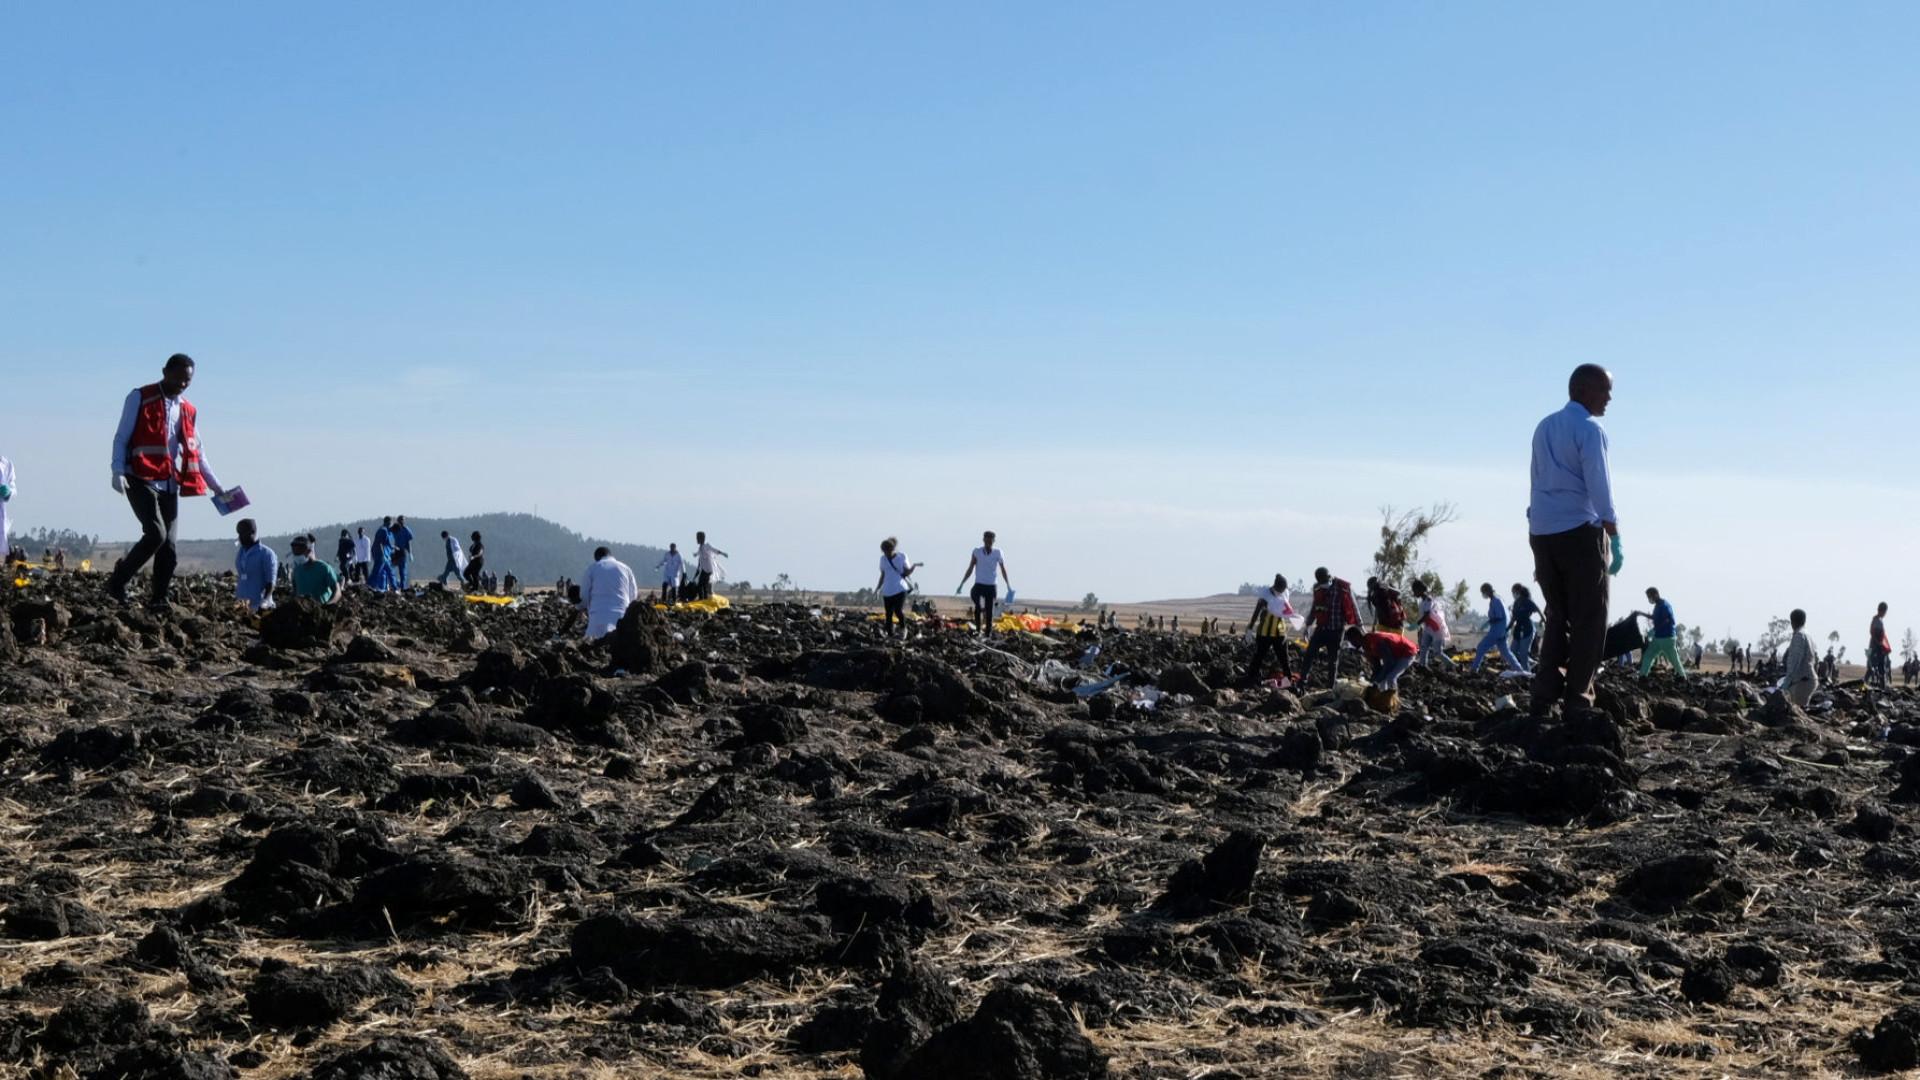 Viúva processa Boeing em quase 250 milhões por queda de avião na Etiópia